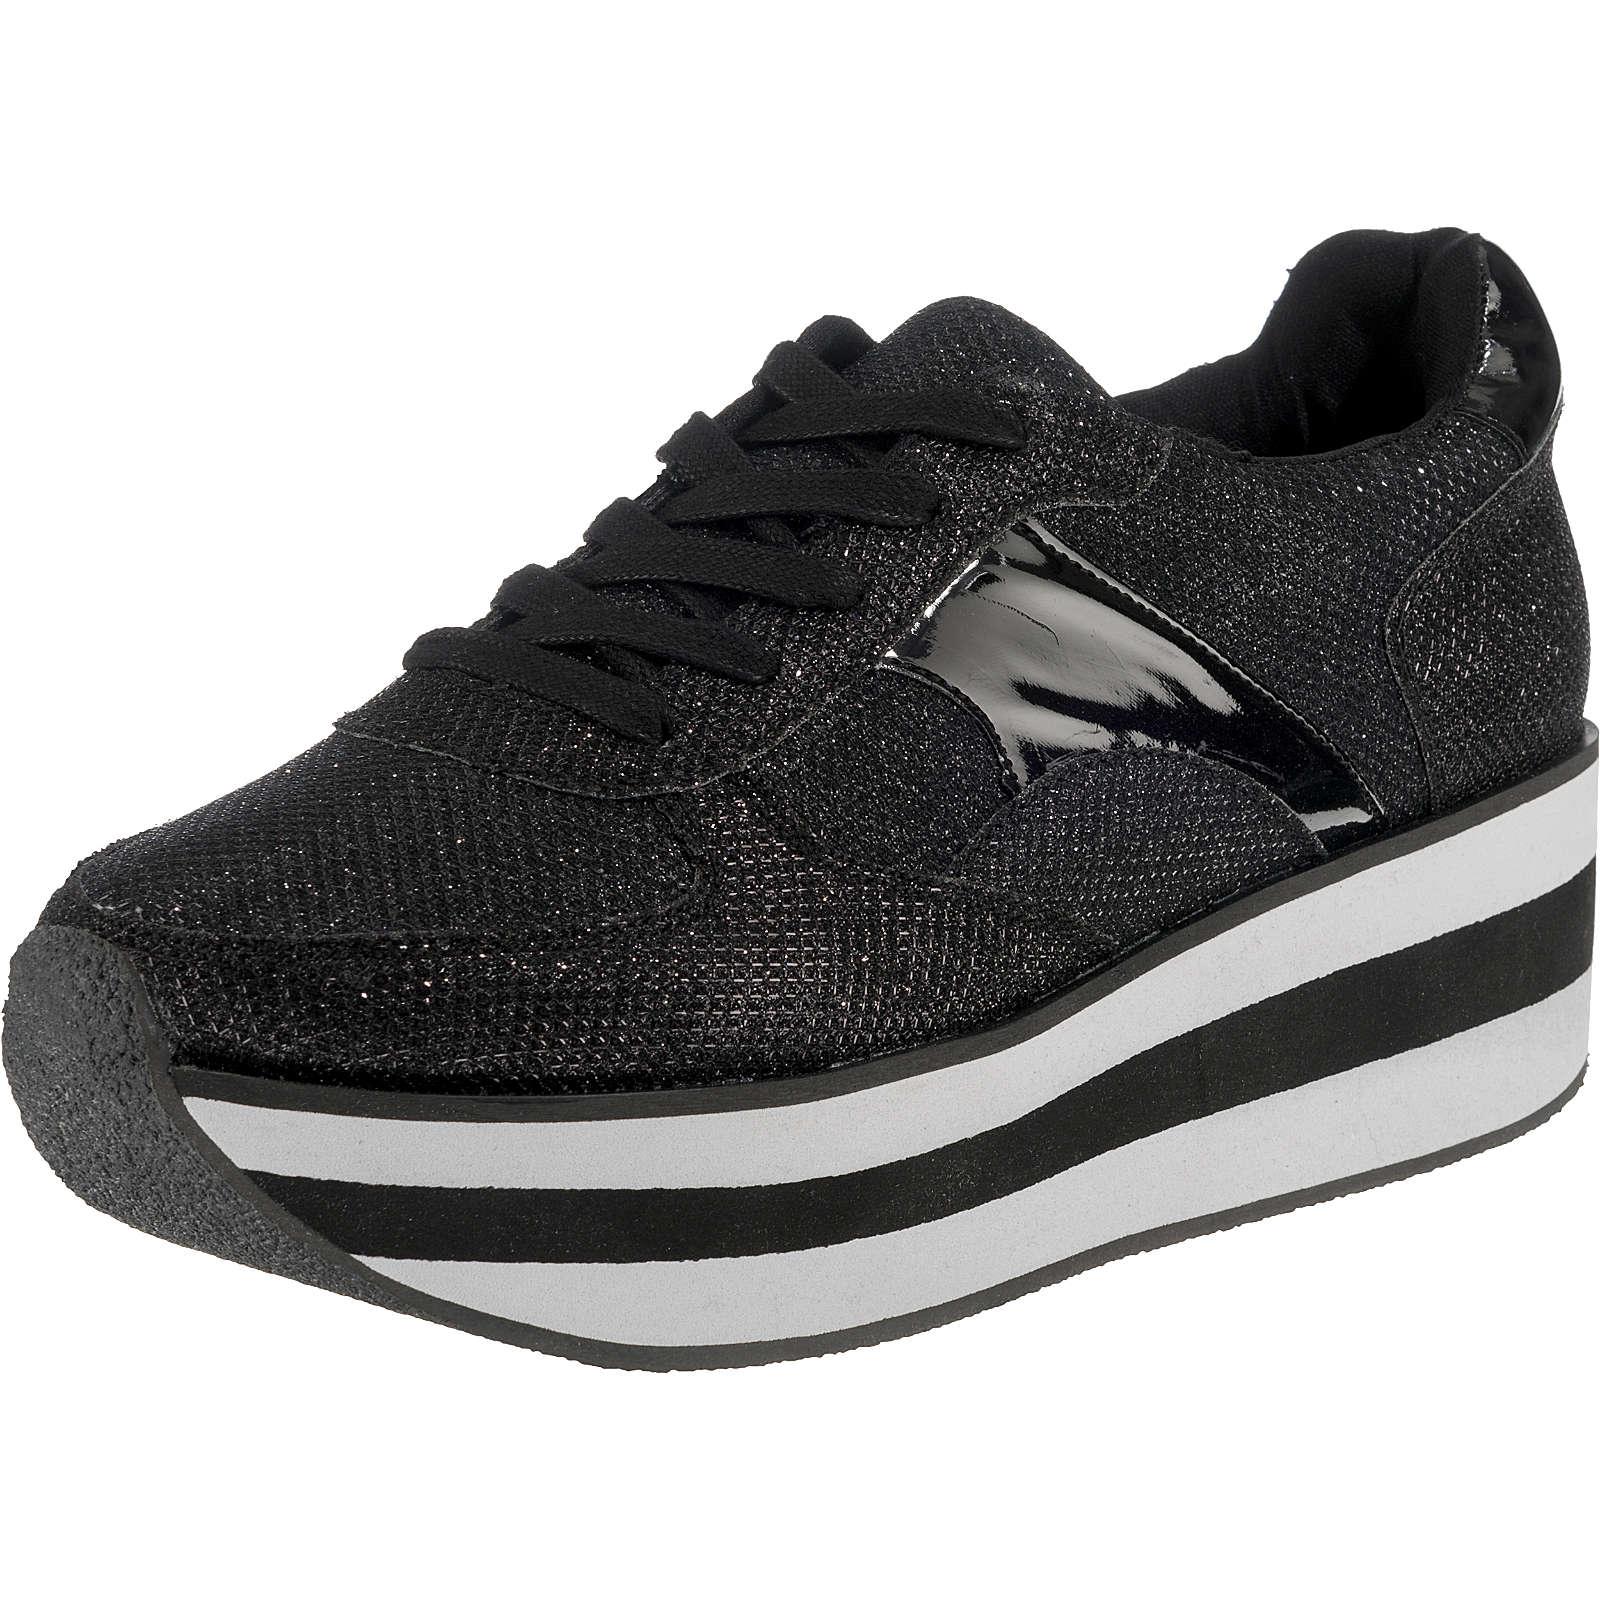 BULLBOXER Sneakers Low schwarz Damen Gr. 36